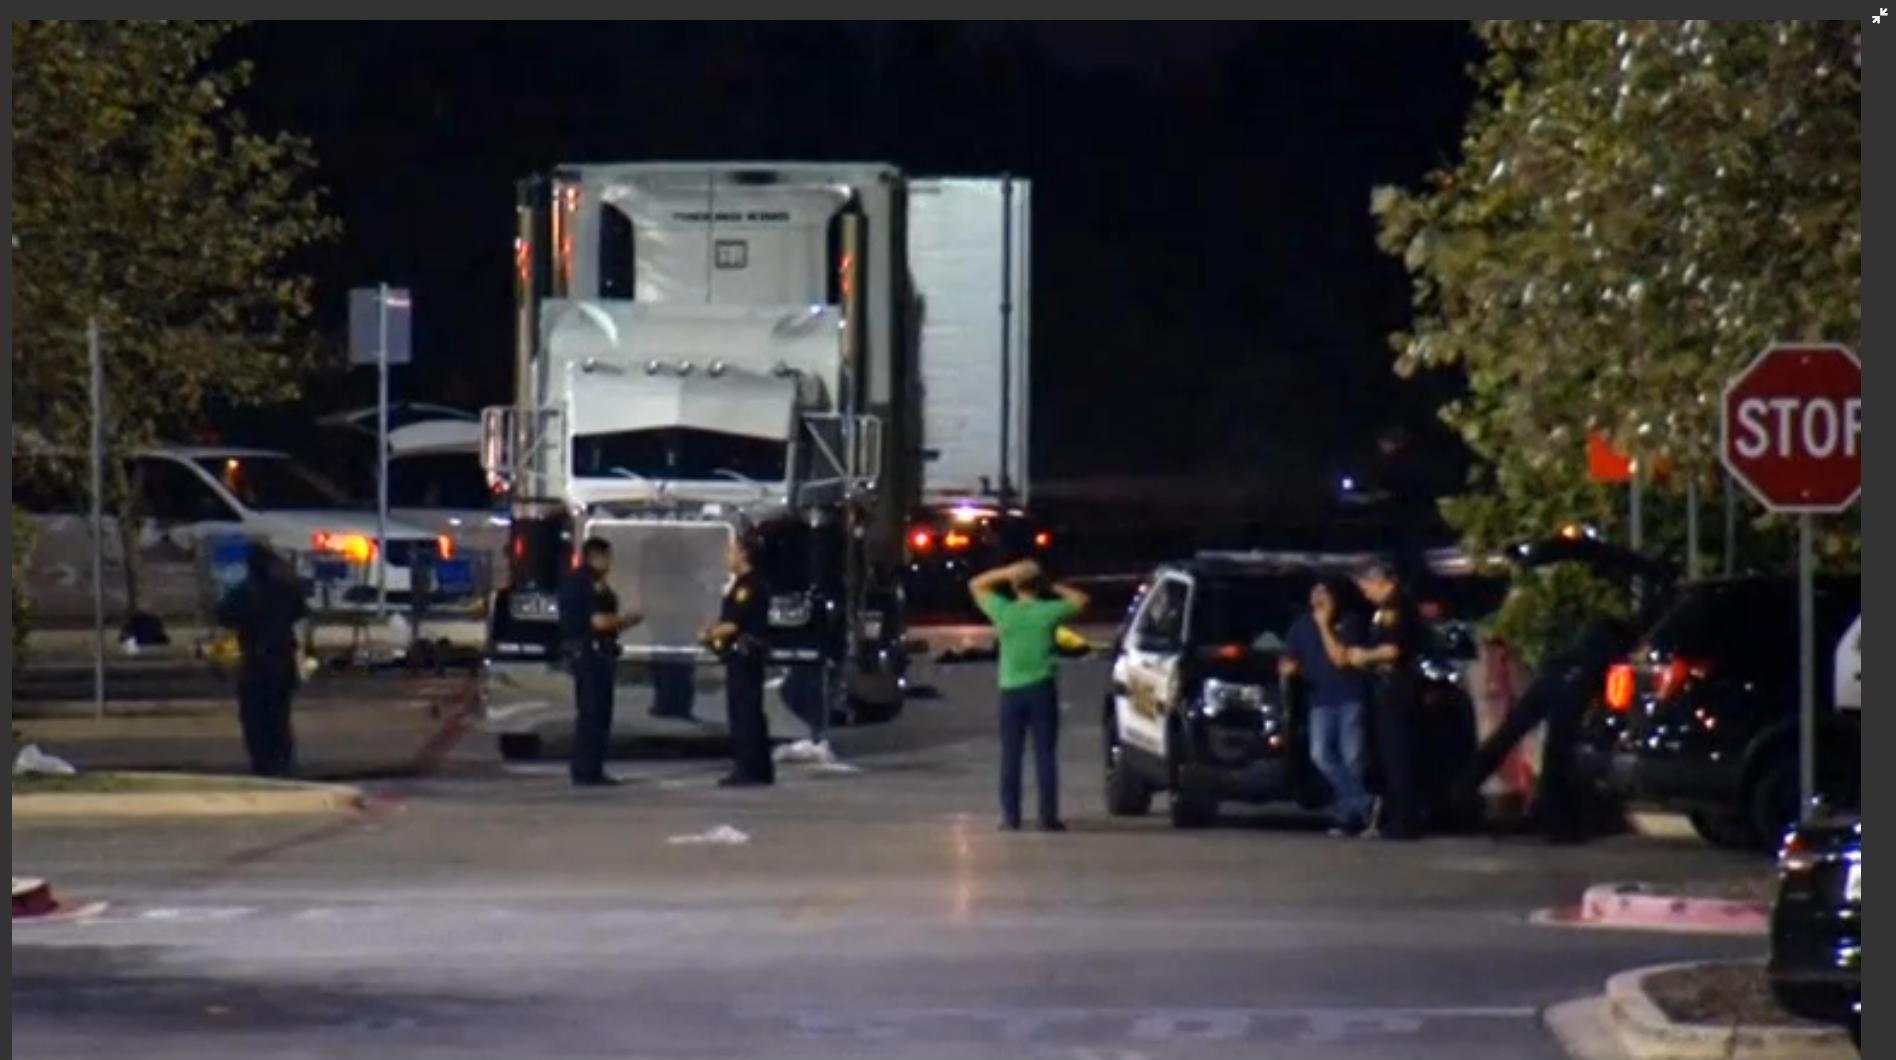 El conductor del camión fue acusado de tráfico de personas